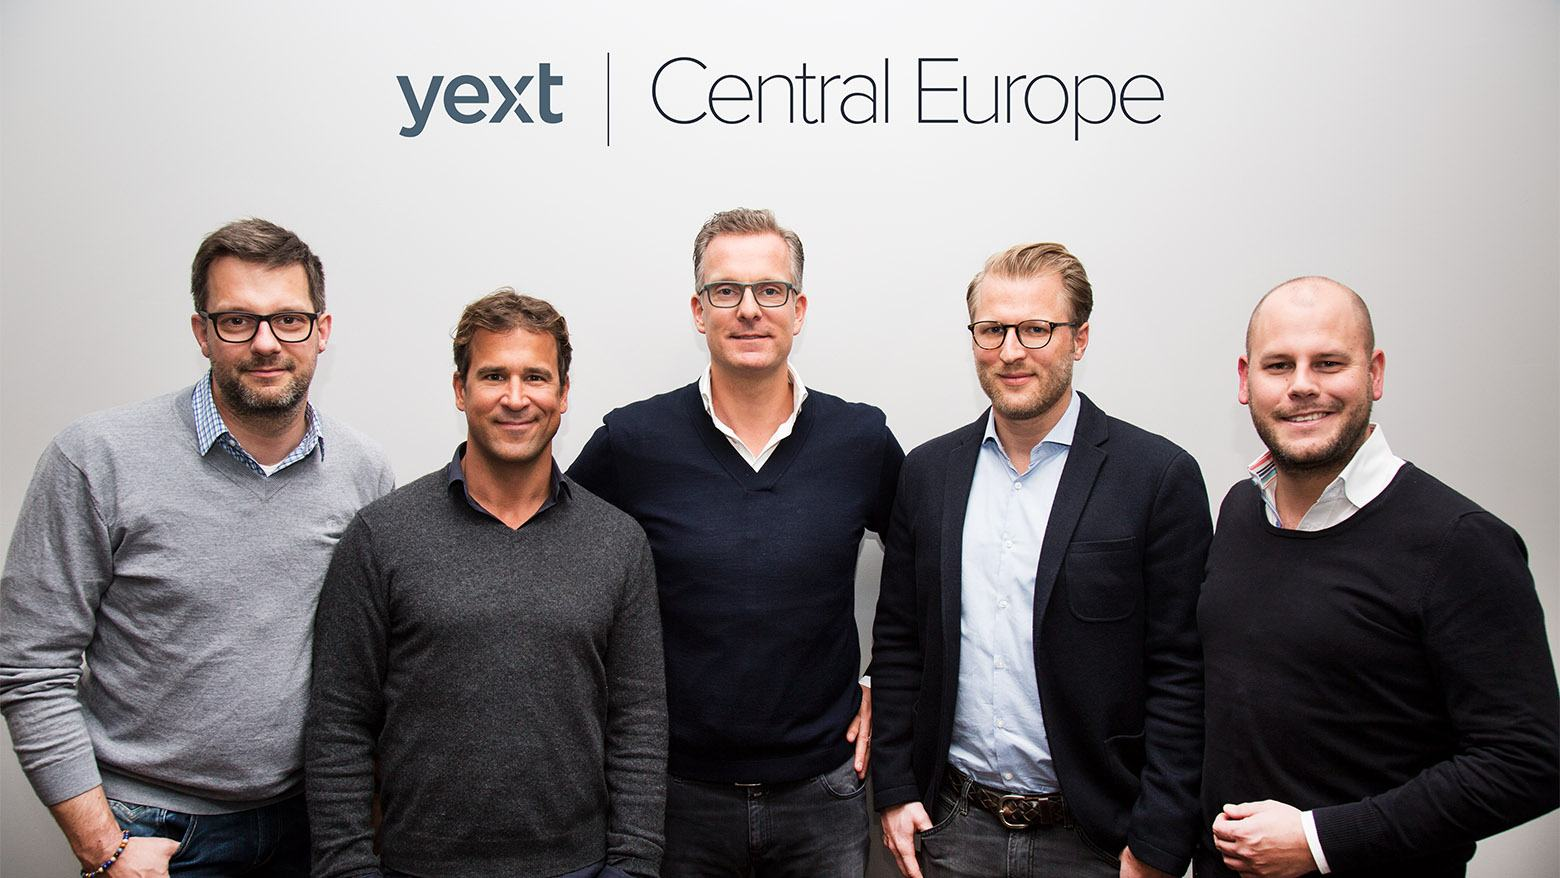 Yext central europe